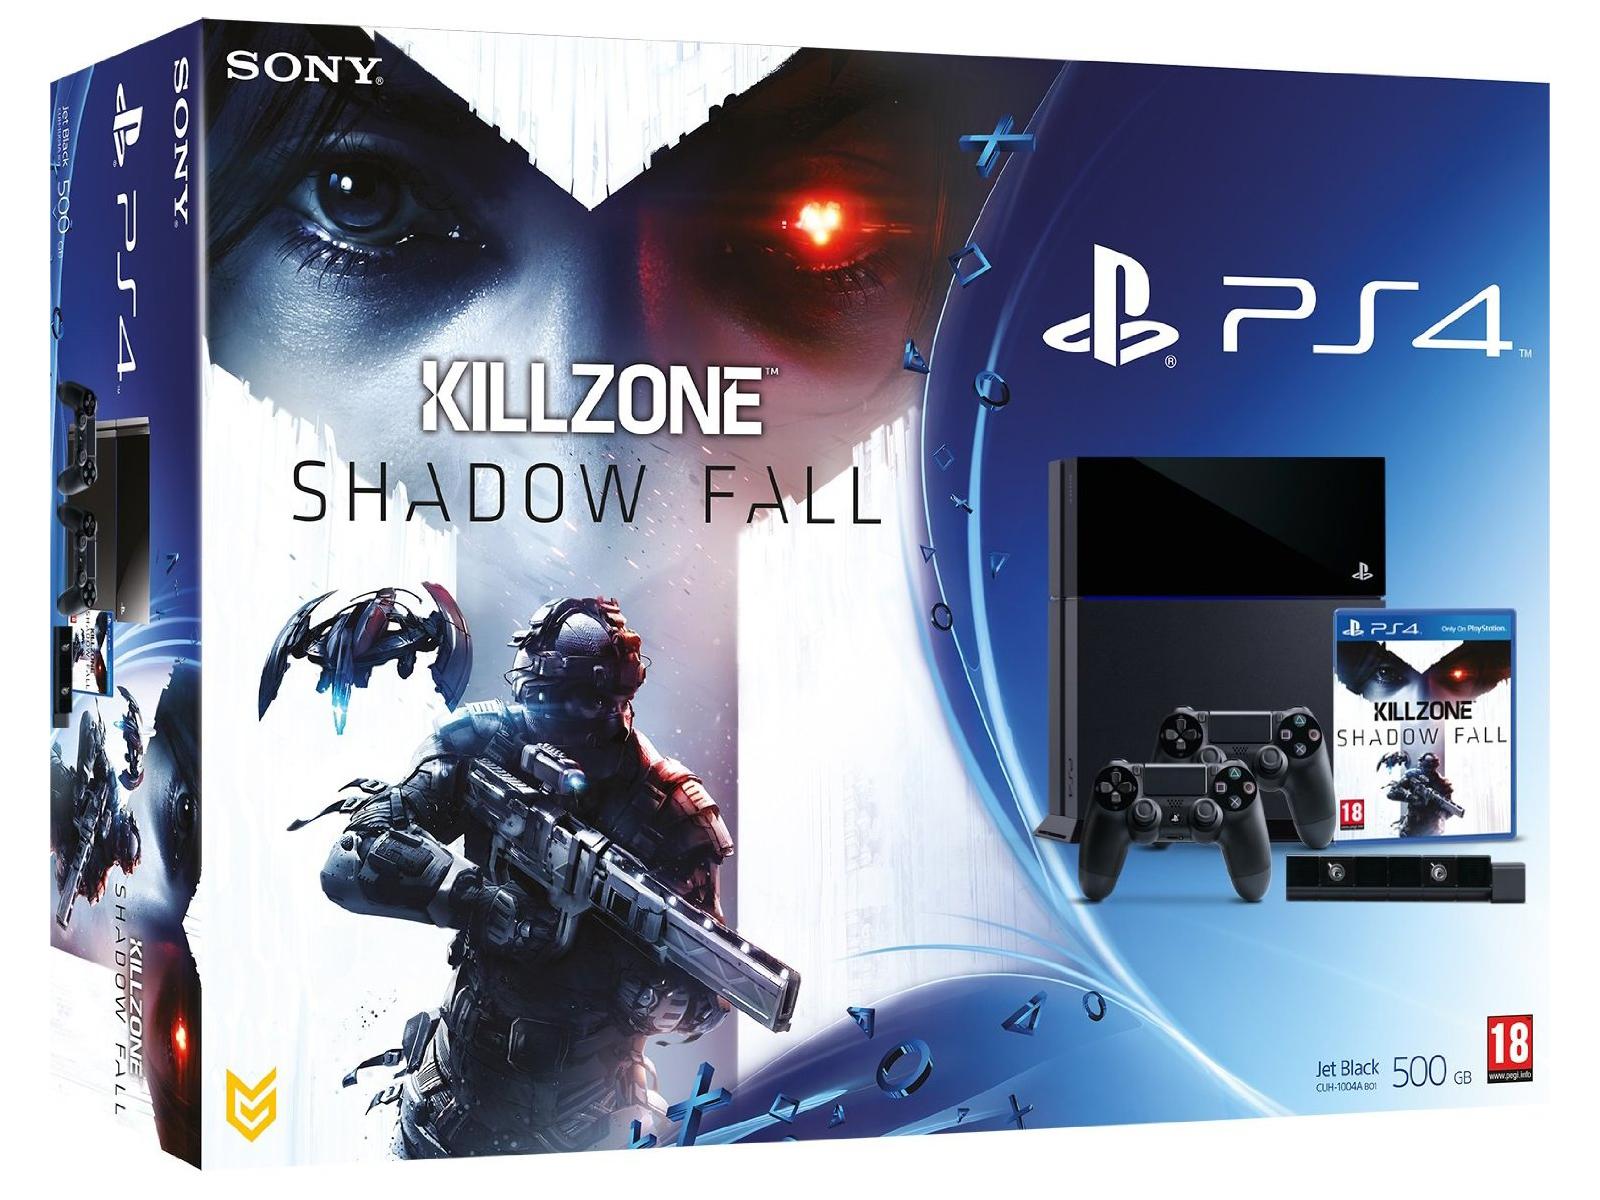 Sony: Die PS4 benötigt keine gratis Zugaben, um das Interesse der Spieler zu wecken